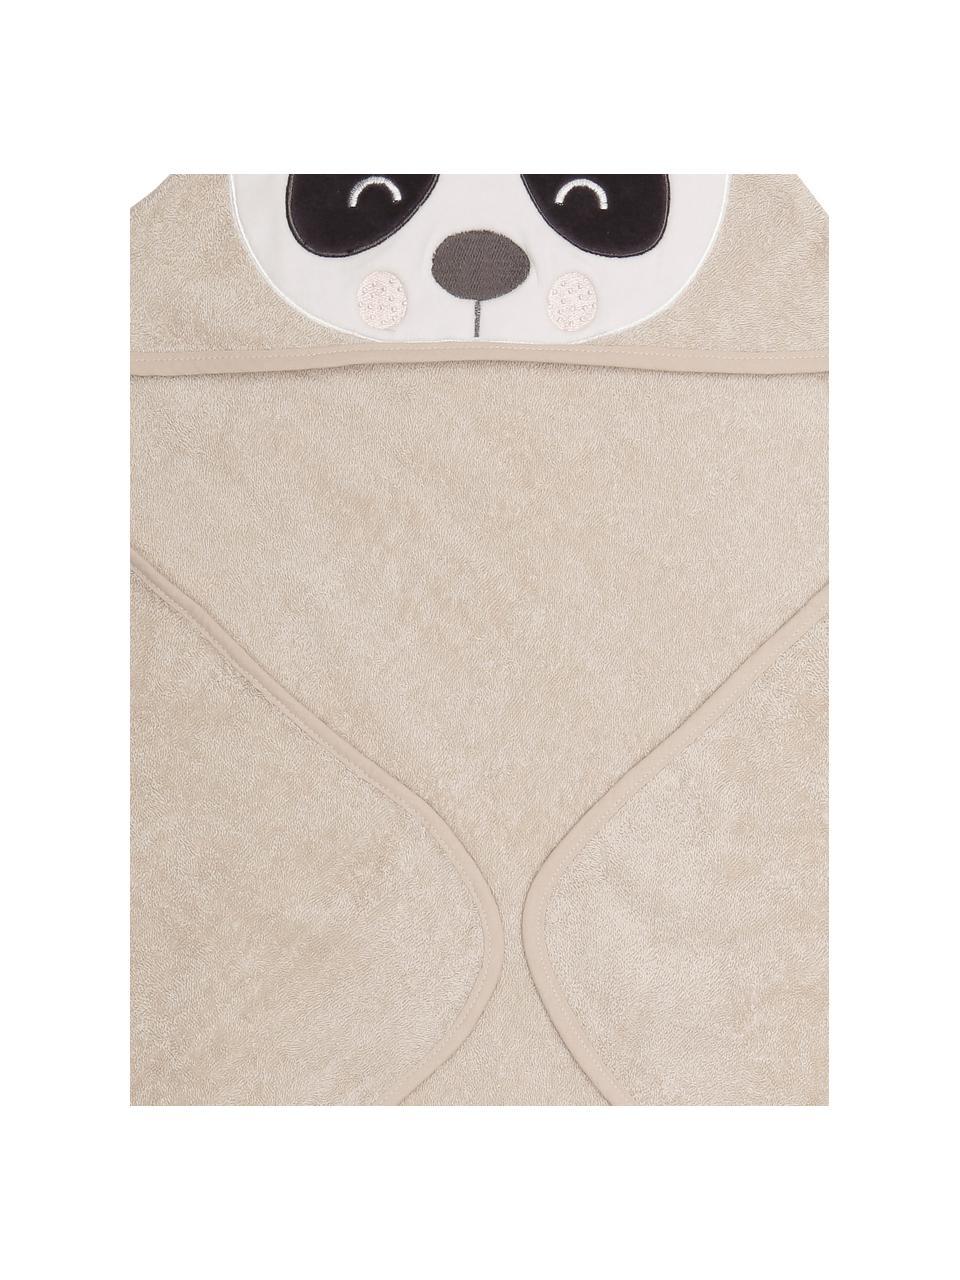 Ręcznik dla dzieci z bawełny organicznej Penny, 100% bawełna organiczna, Beżowy, biały, ciemny szary, S 80 x D 80 cm